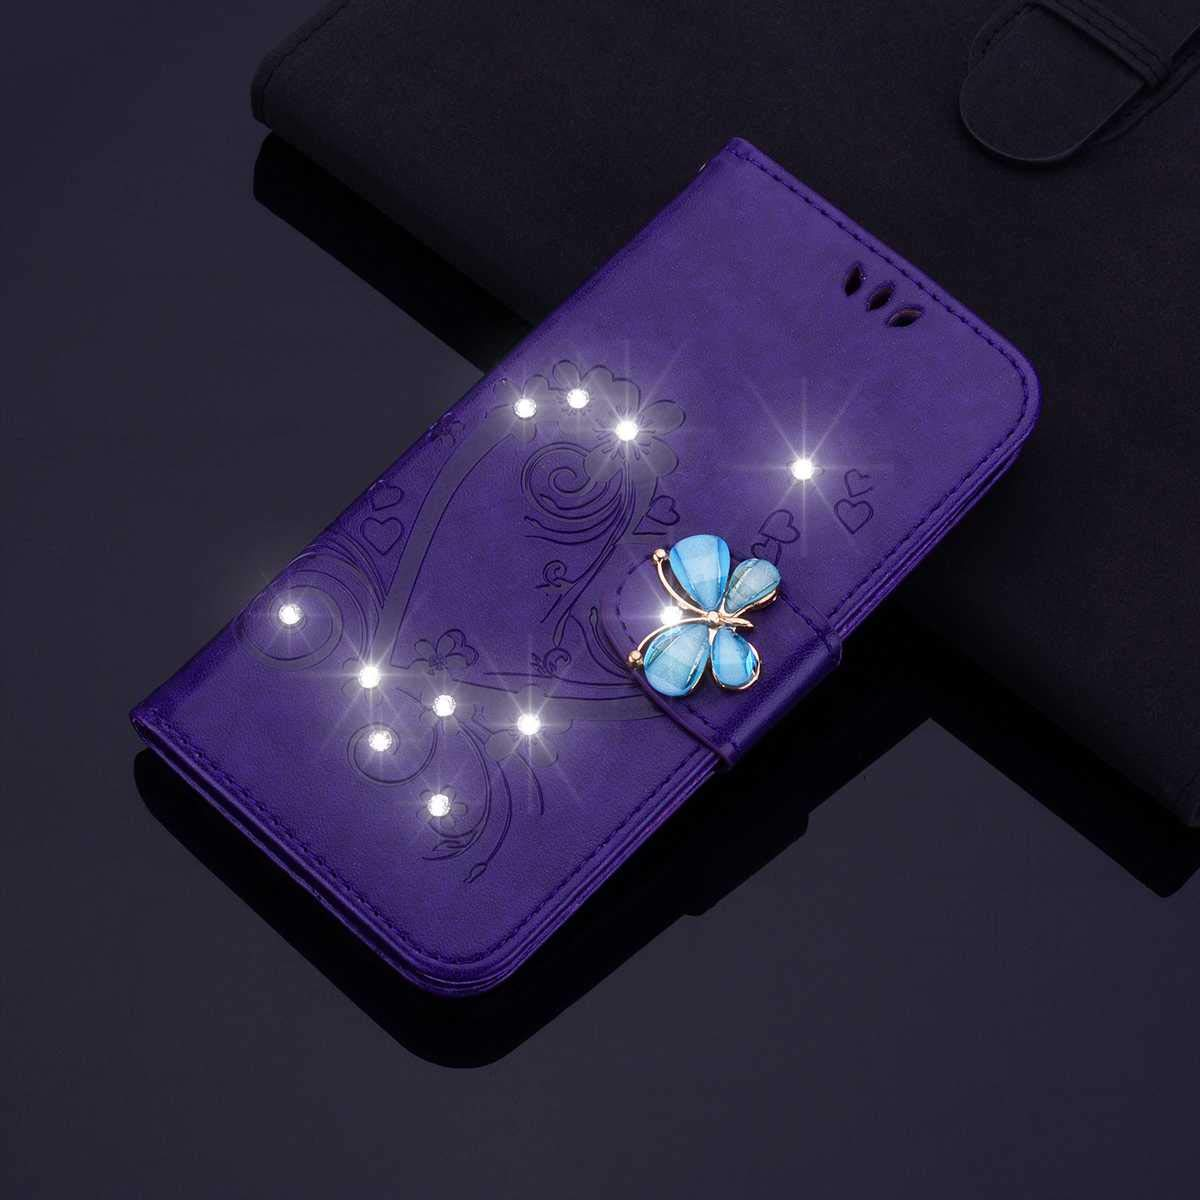 Blau Huawei P30 Lite H/ülle SONWO Premium Glitzer Strass Flip PU Leder Handyh/ülle mit Diamant Magnetverschluss und St/änder Funktion f/ür Huawei P30 Lite